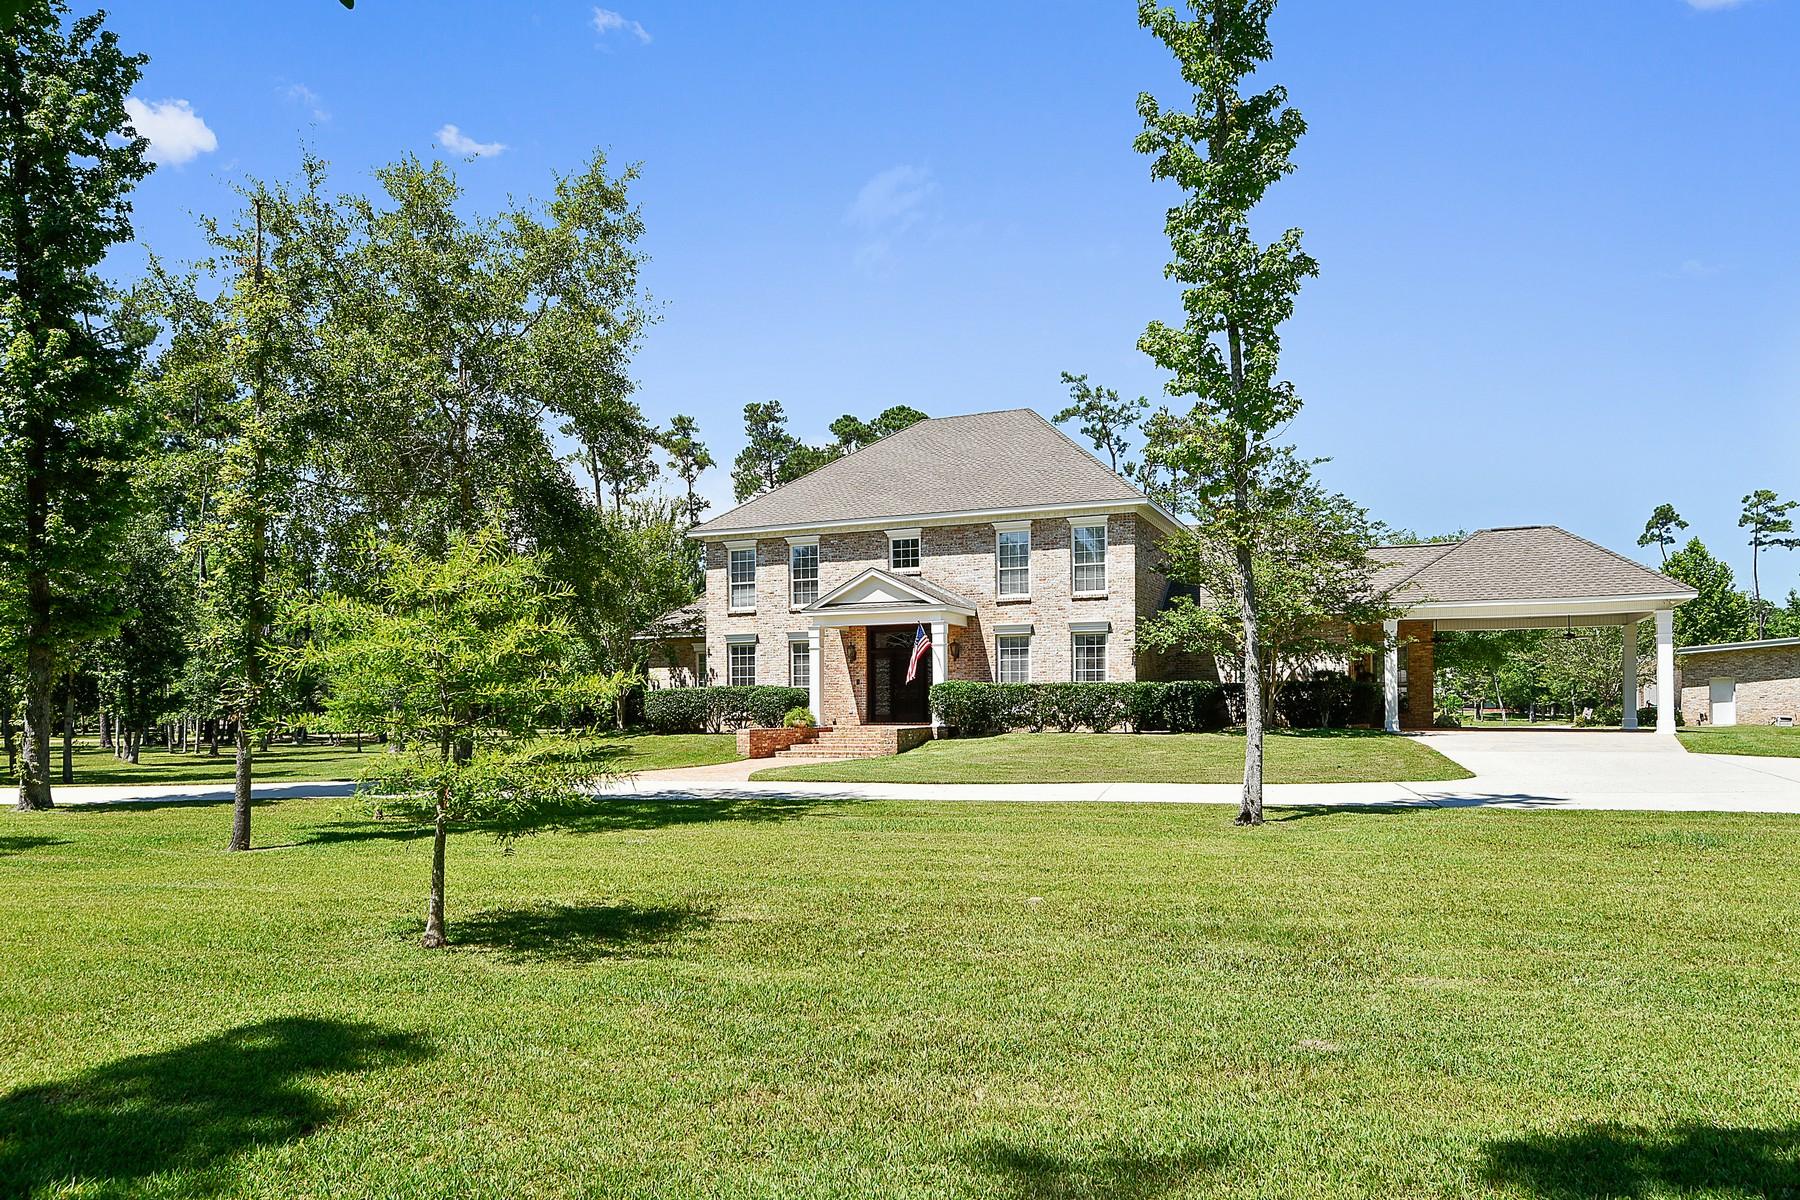 Villa per Vendita alle ore 1181 Yorktown Dr Slidell, Louisiana, 70461 Stati Uniti